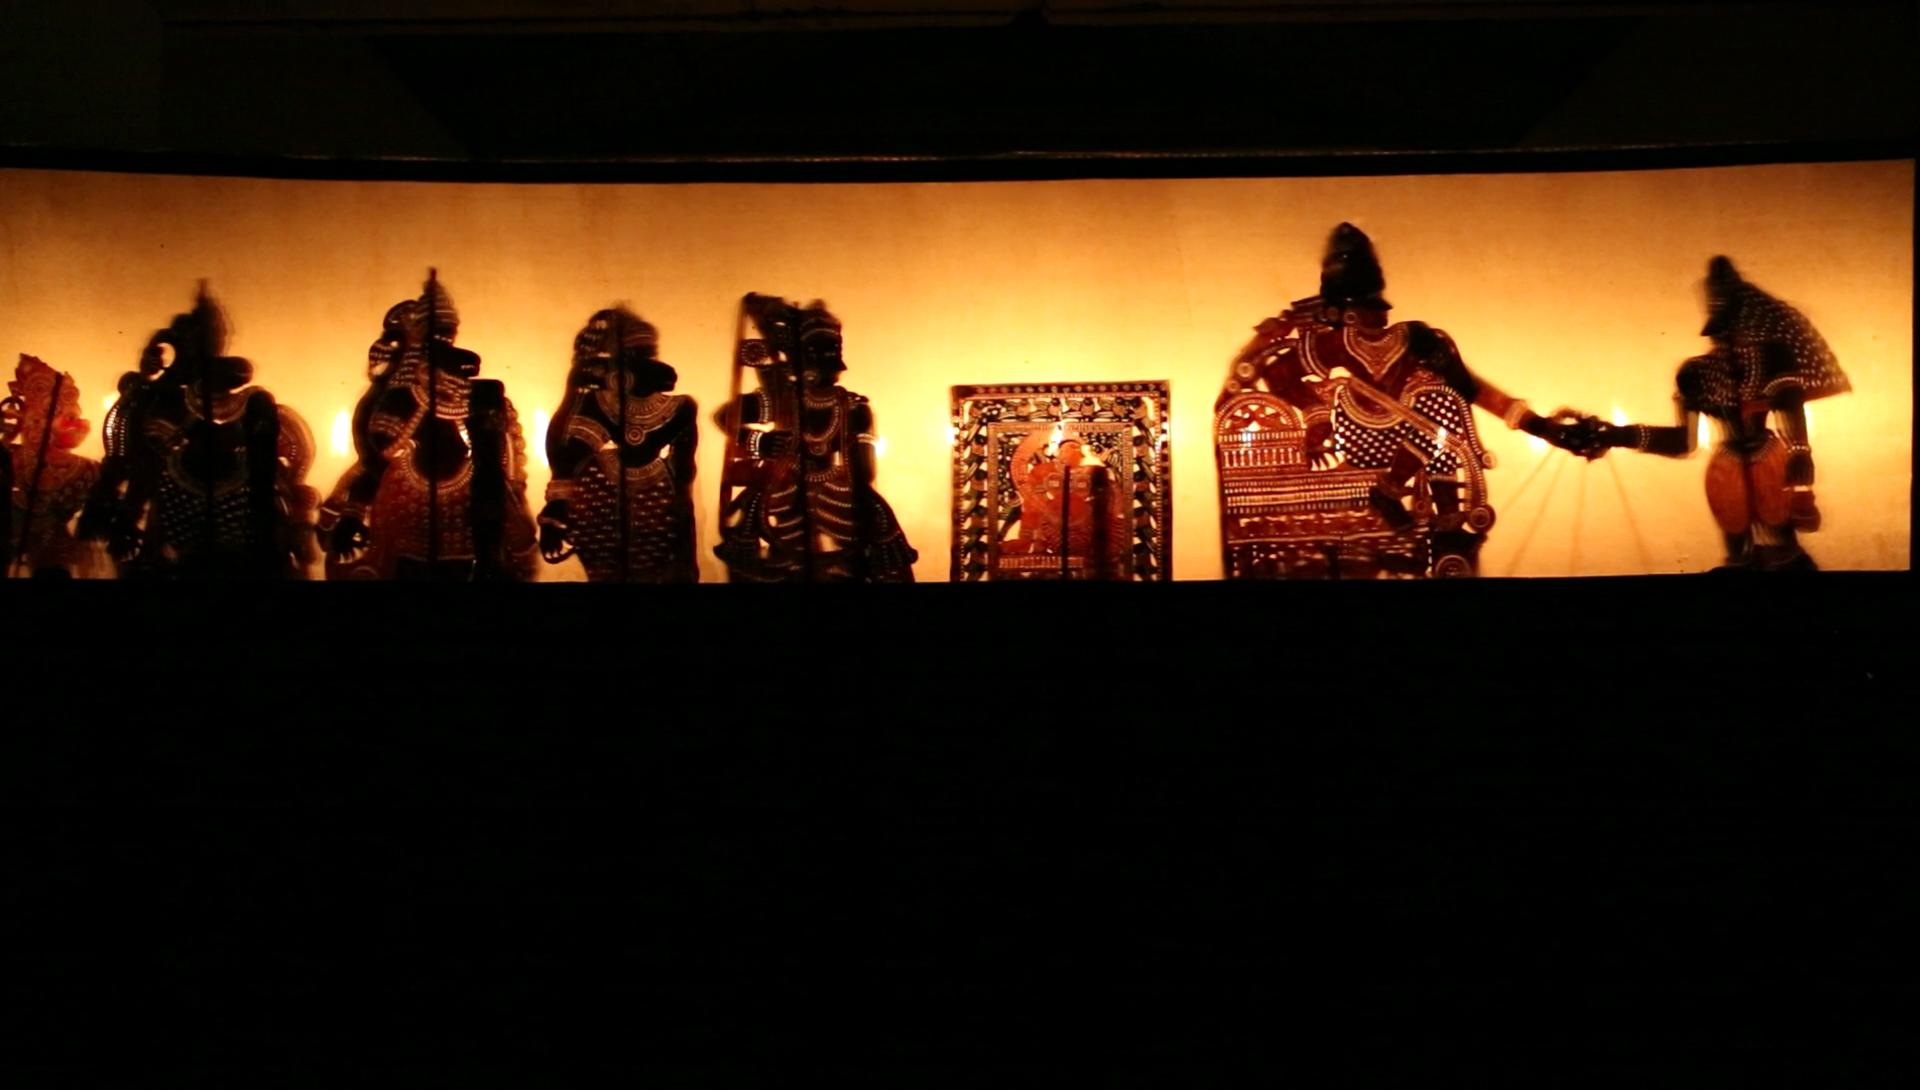 Râma, Sîtâ, Lakshmana et les généraux de singes, dans une scène du Râmâyana dans le style de <em>tolpava koothu</em>, mise en scène :  Ramachandra Pulavar (Kerala, Inde)